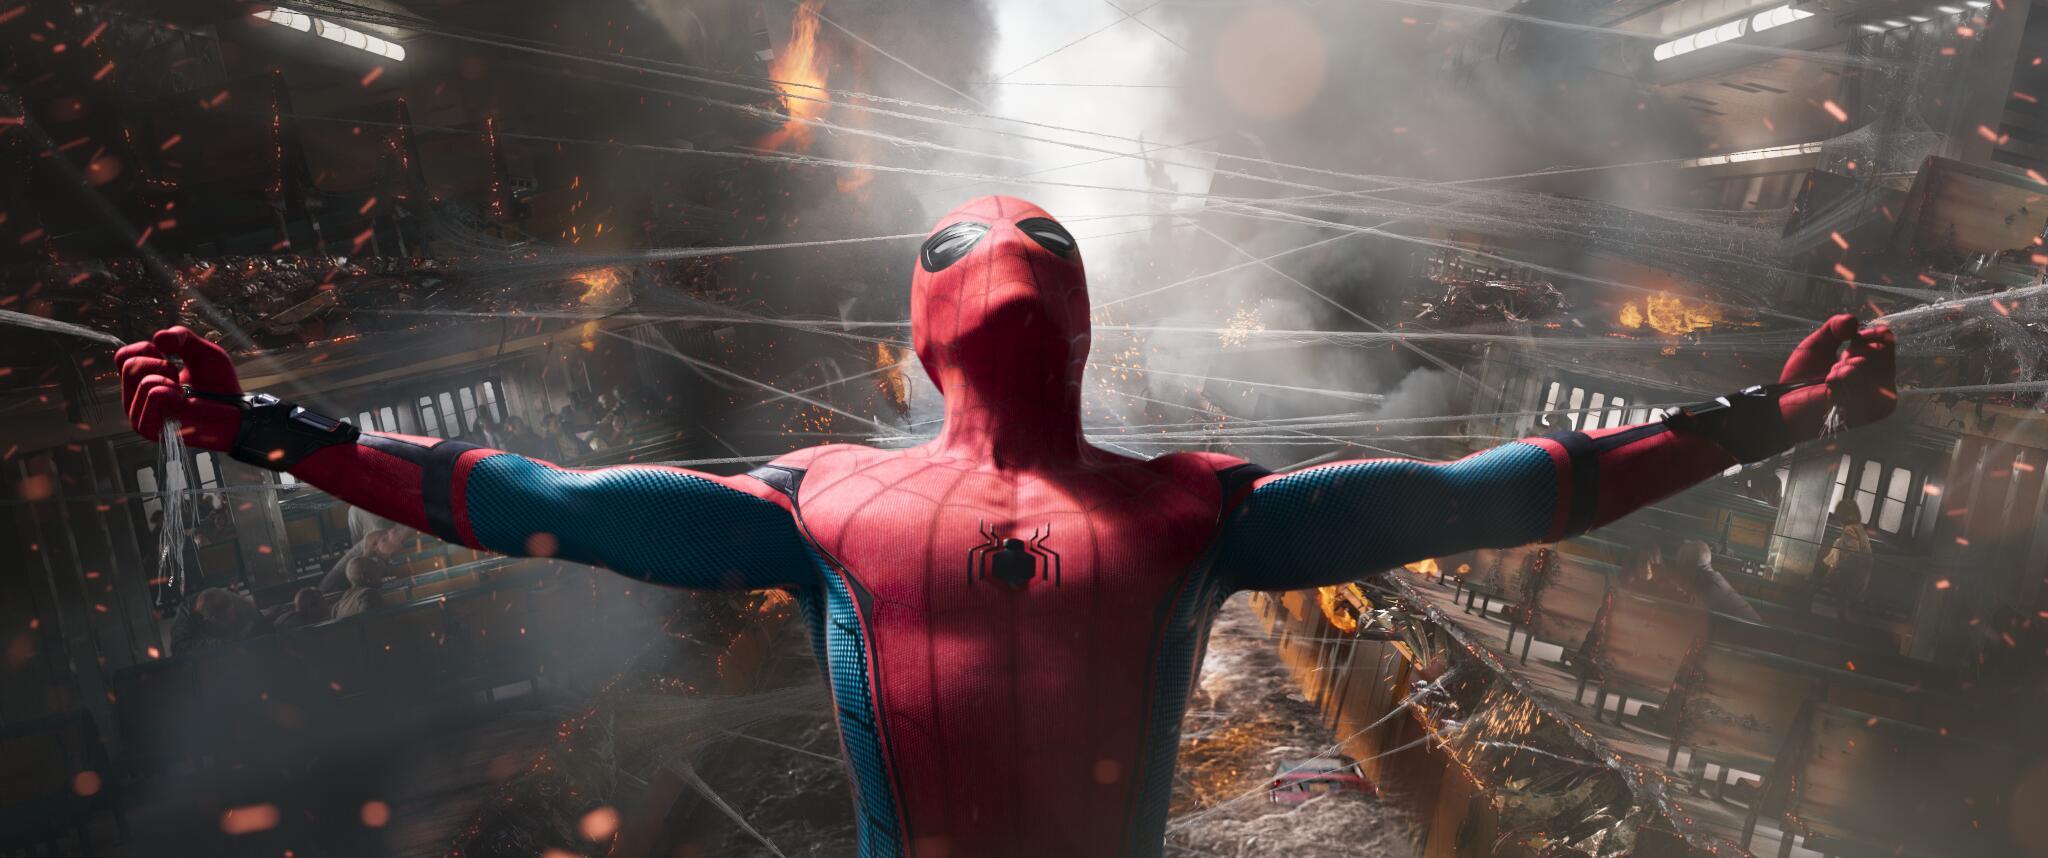 Bild zu Spider-Man: Homecoming